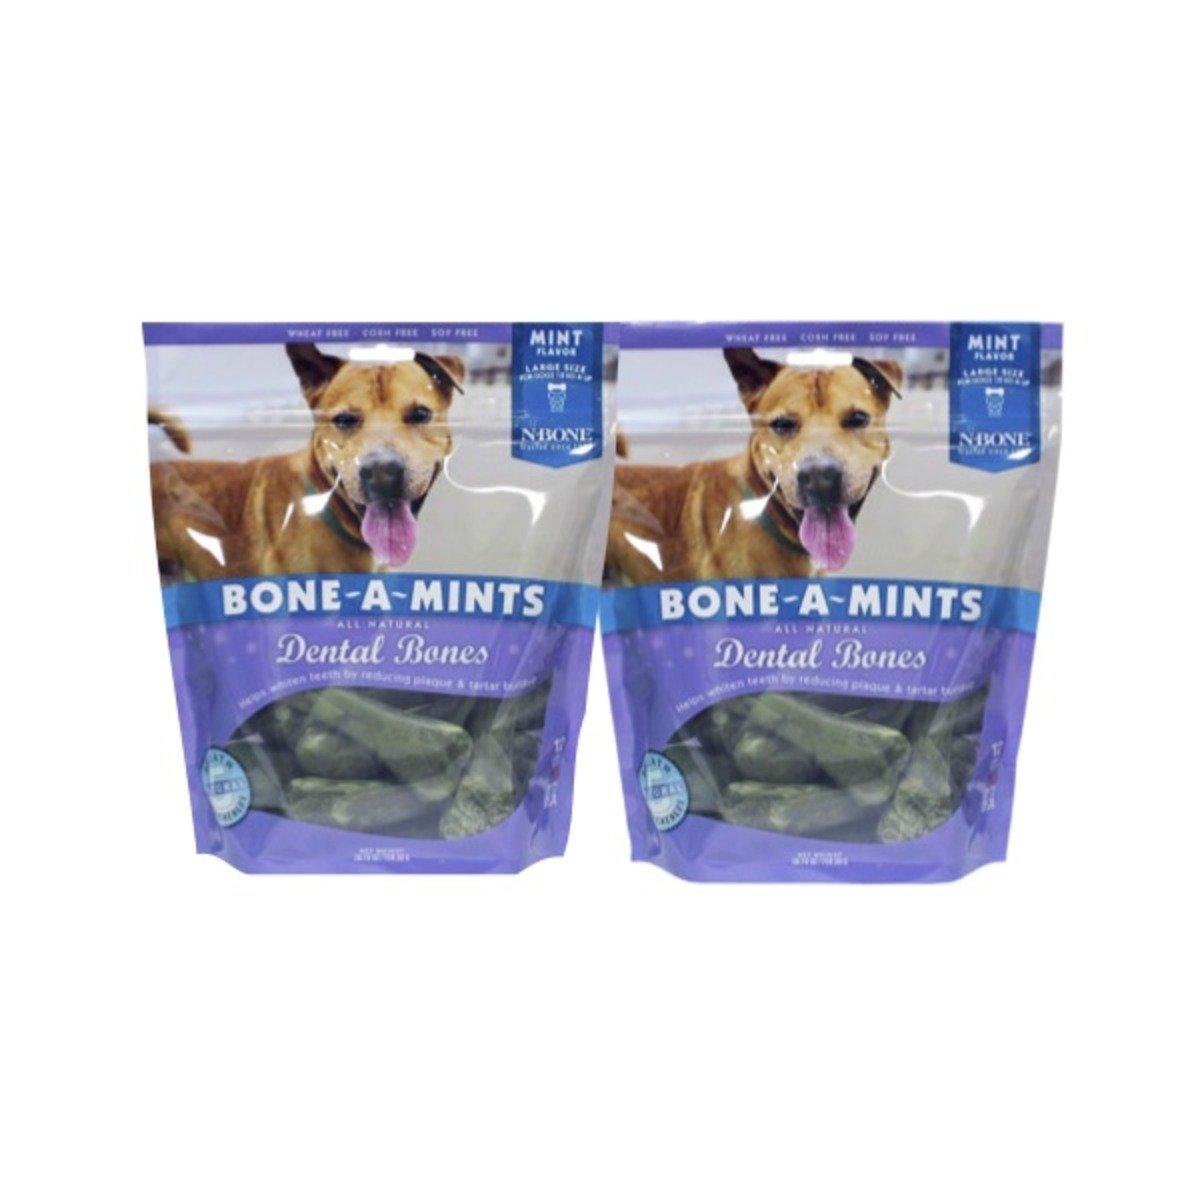 美國 BONE-A-MINTS 薄荷味潔齒骨家庭裝2包(大)26.76oz/包